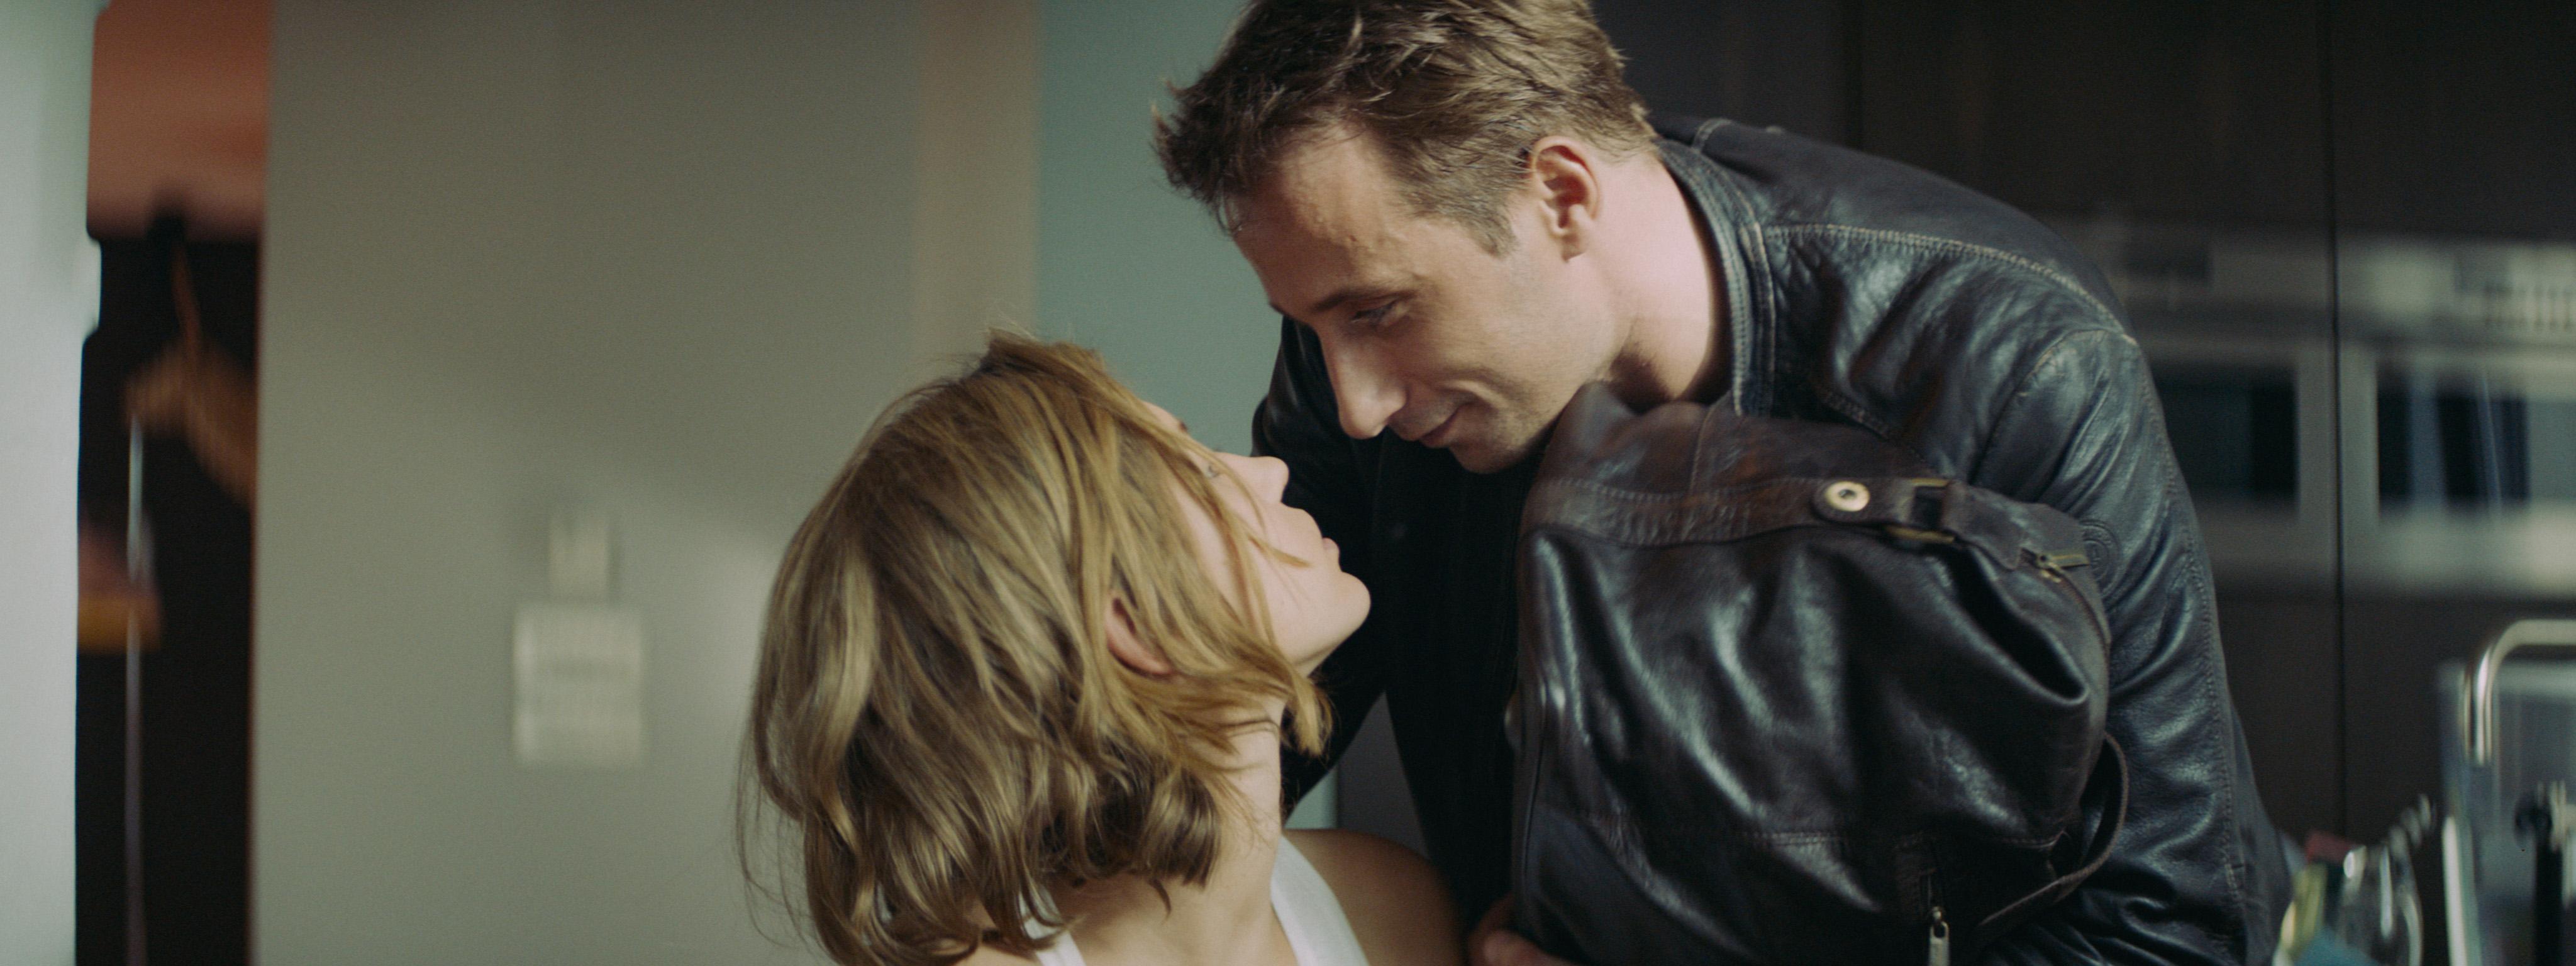 επτά ημέρες αγάπης dating Dias καλύτερα δωρεάν εφαρμογές Dating για το Android 2014